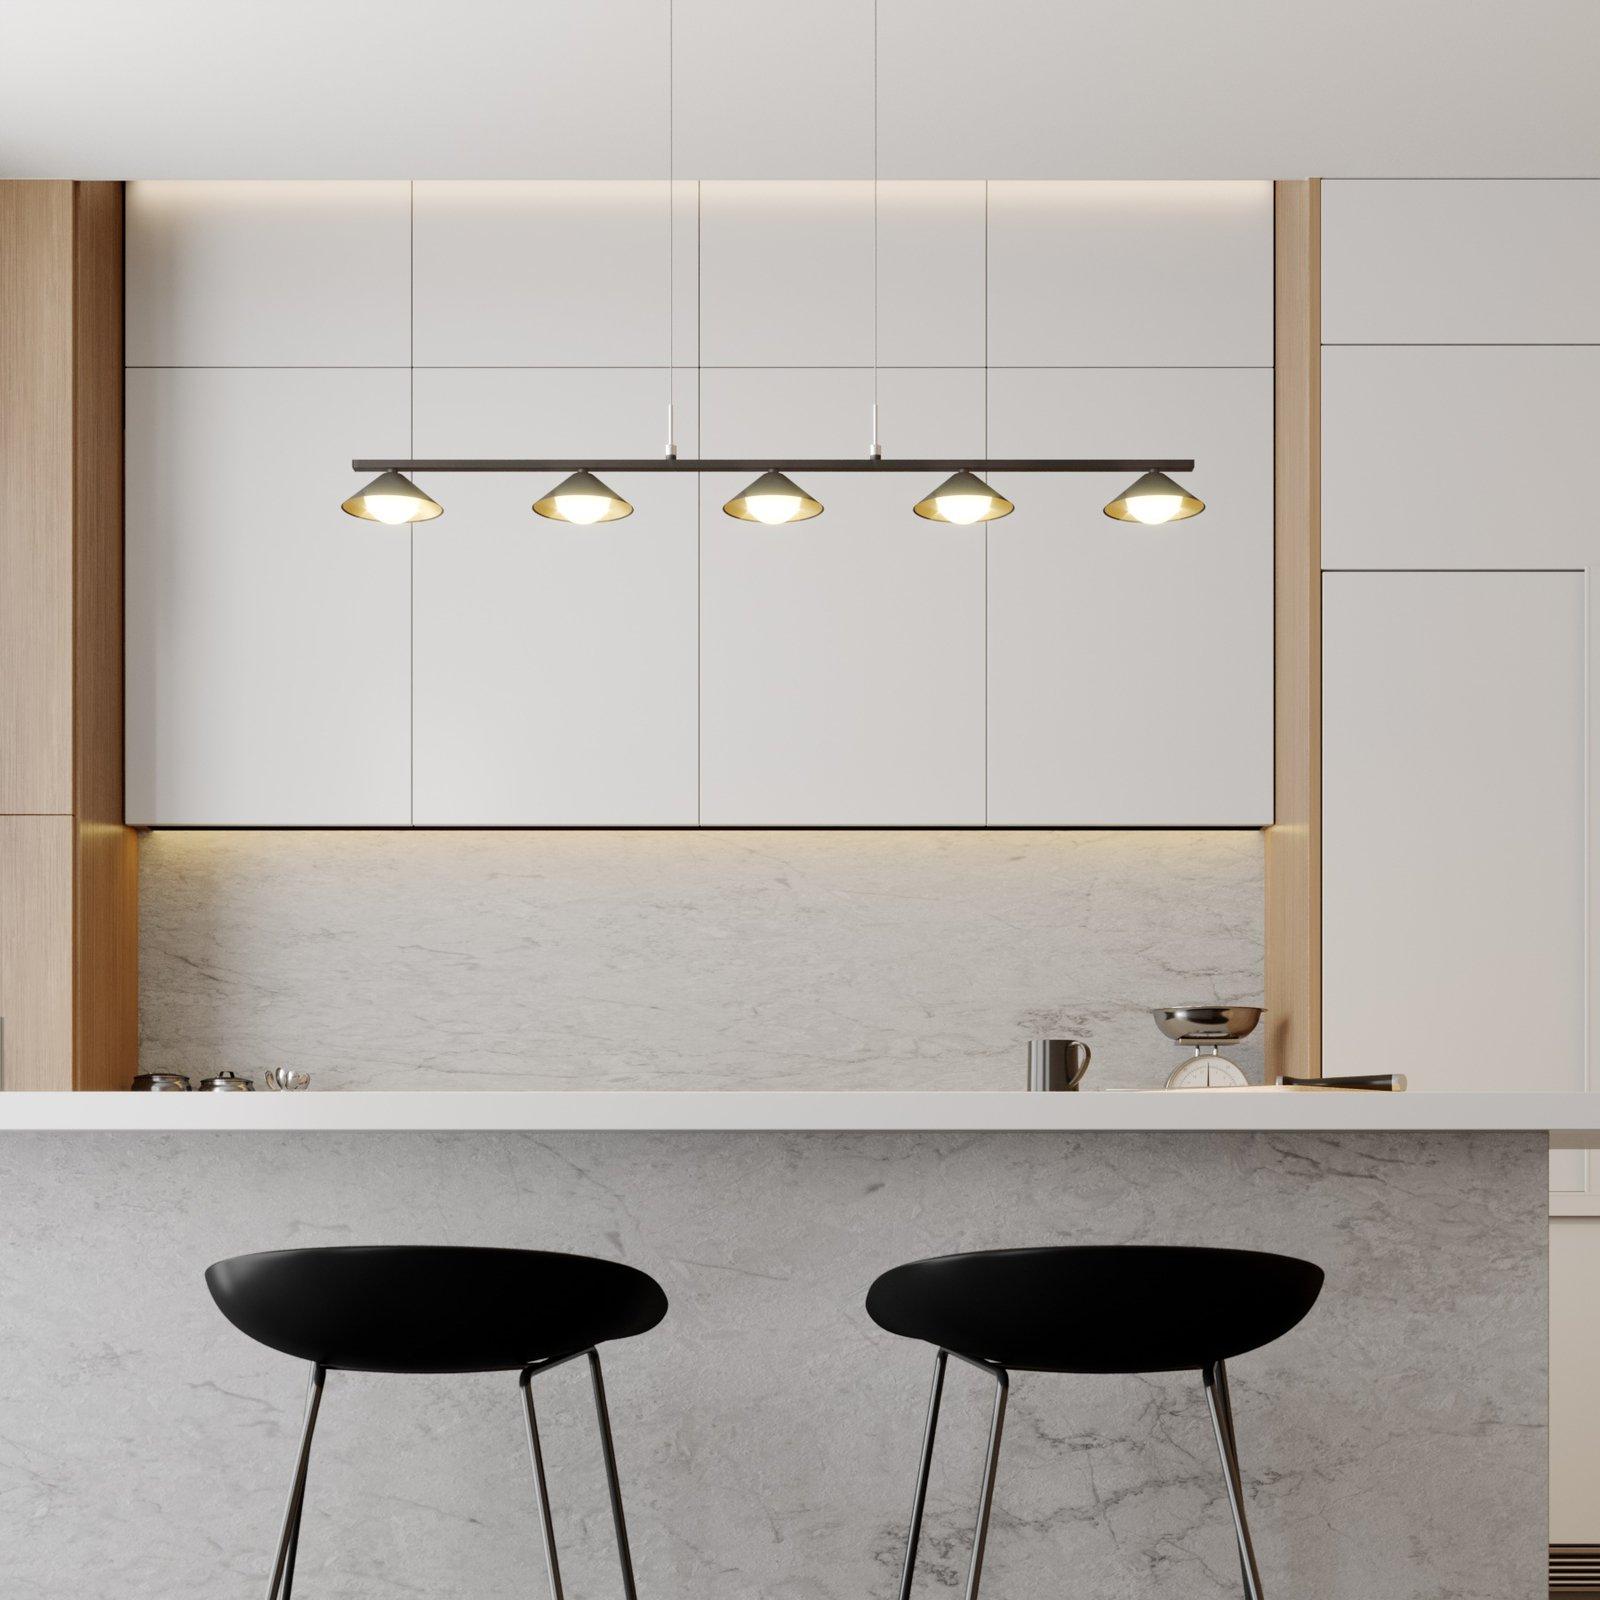 Lucande Kianos LED-hengelampe, svart, 5 lyskilder